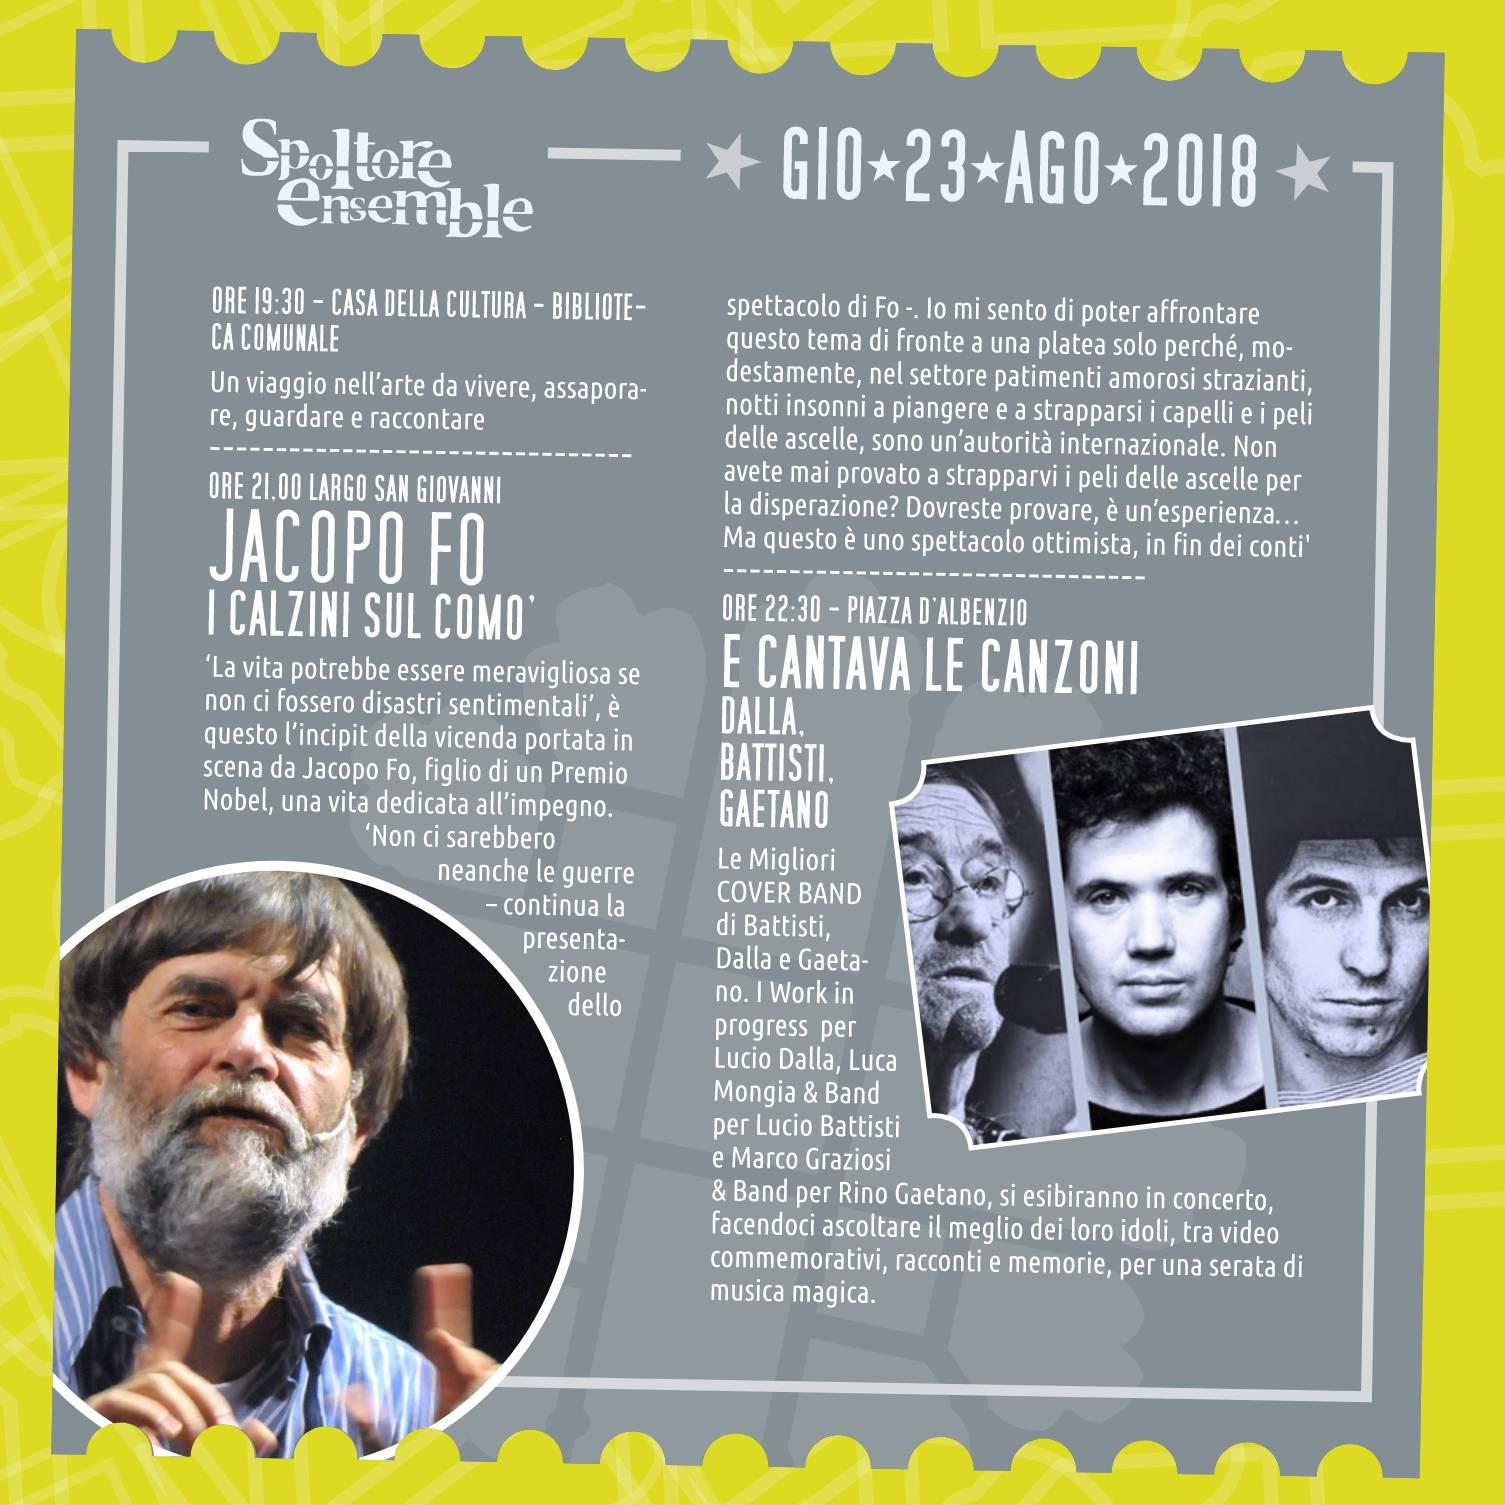 Il 23 agosto Jacopo Fo al Spoltore Ensemble 2018